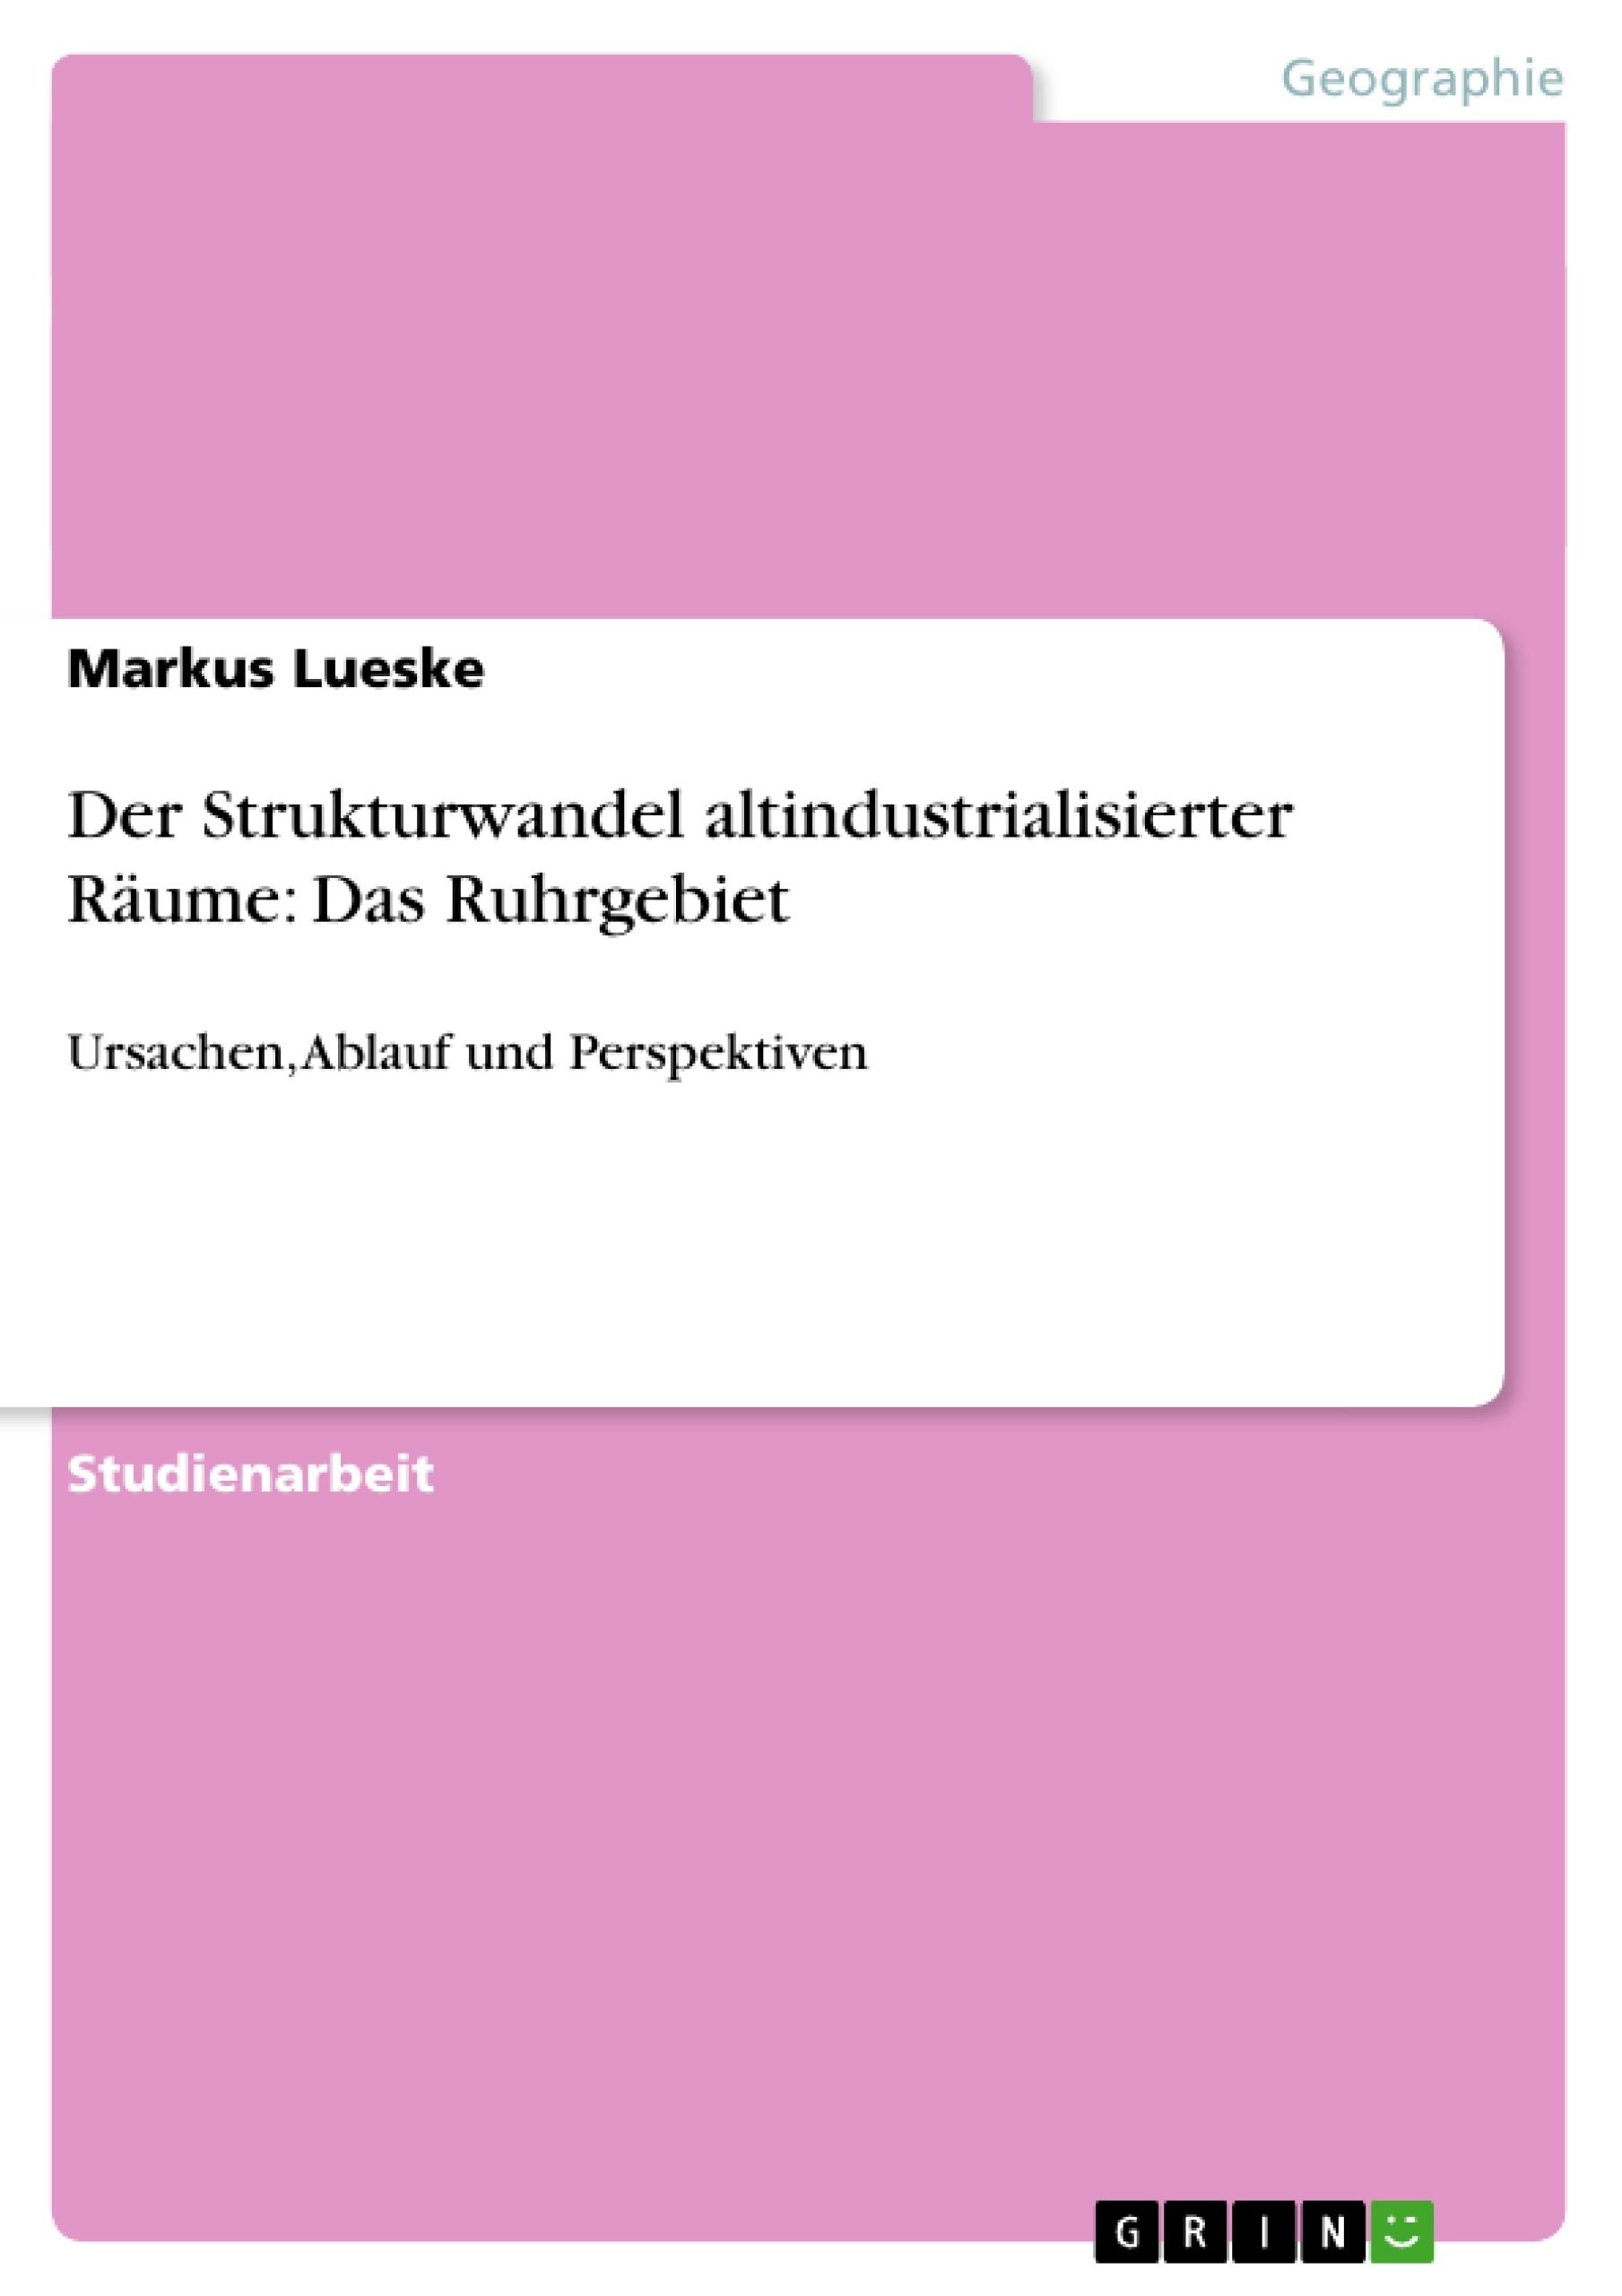 Titel: Der Strukturwandel altindustrialisierter Räume: Das Ruhrgebiet